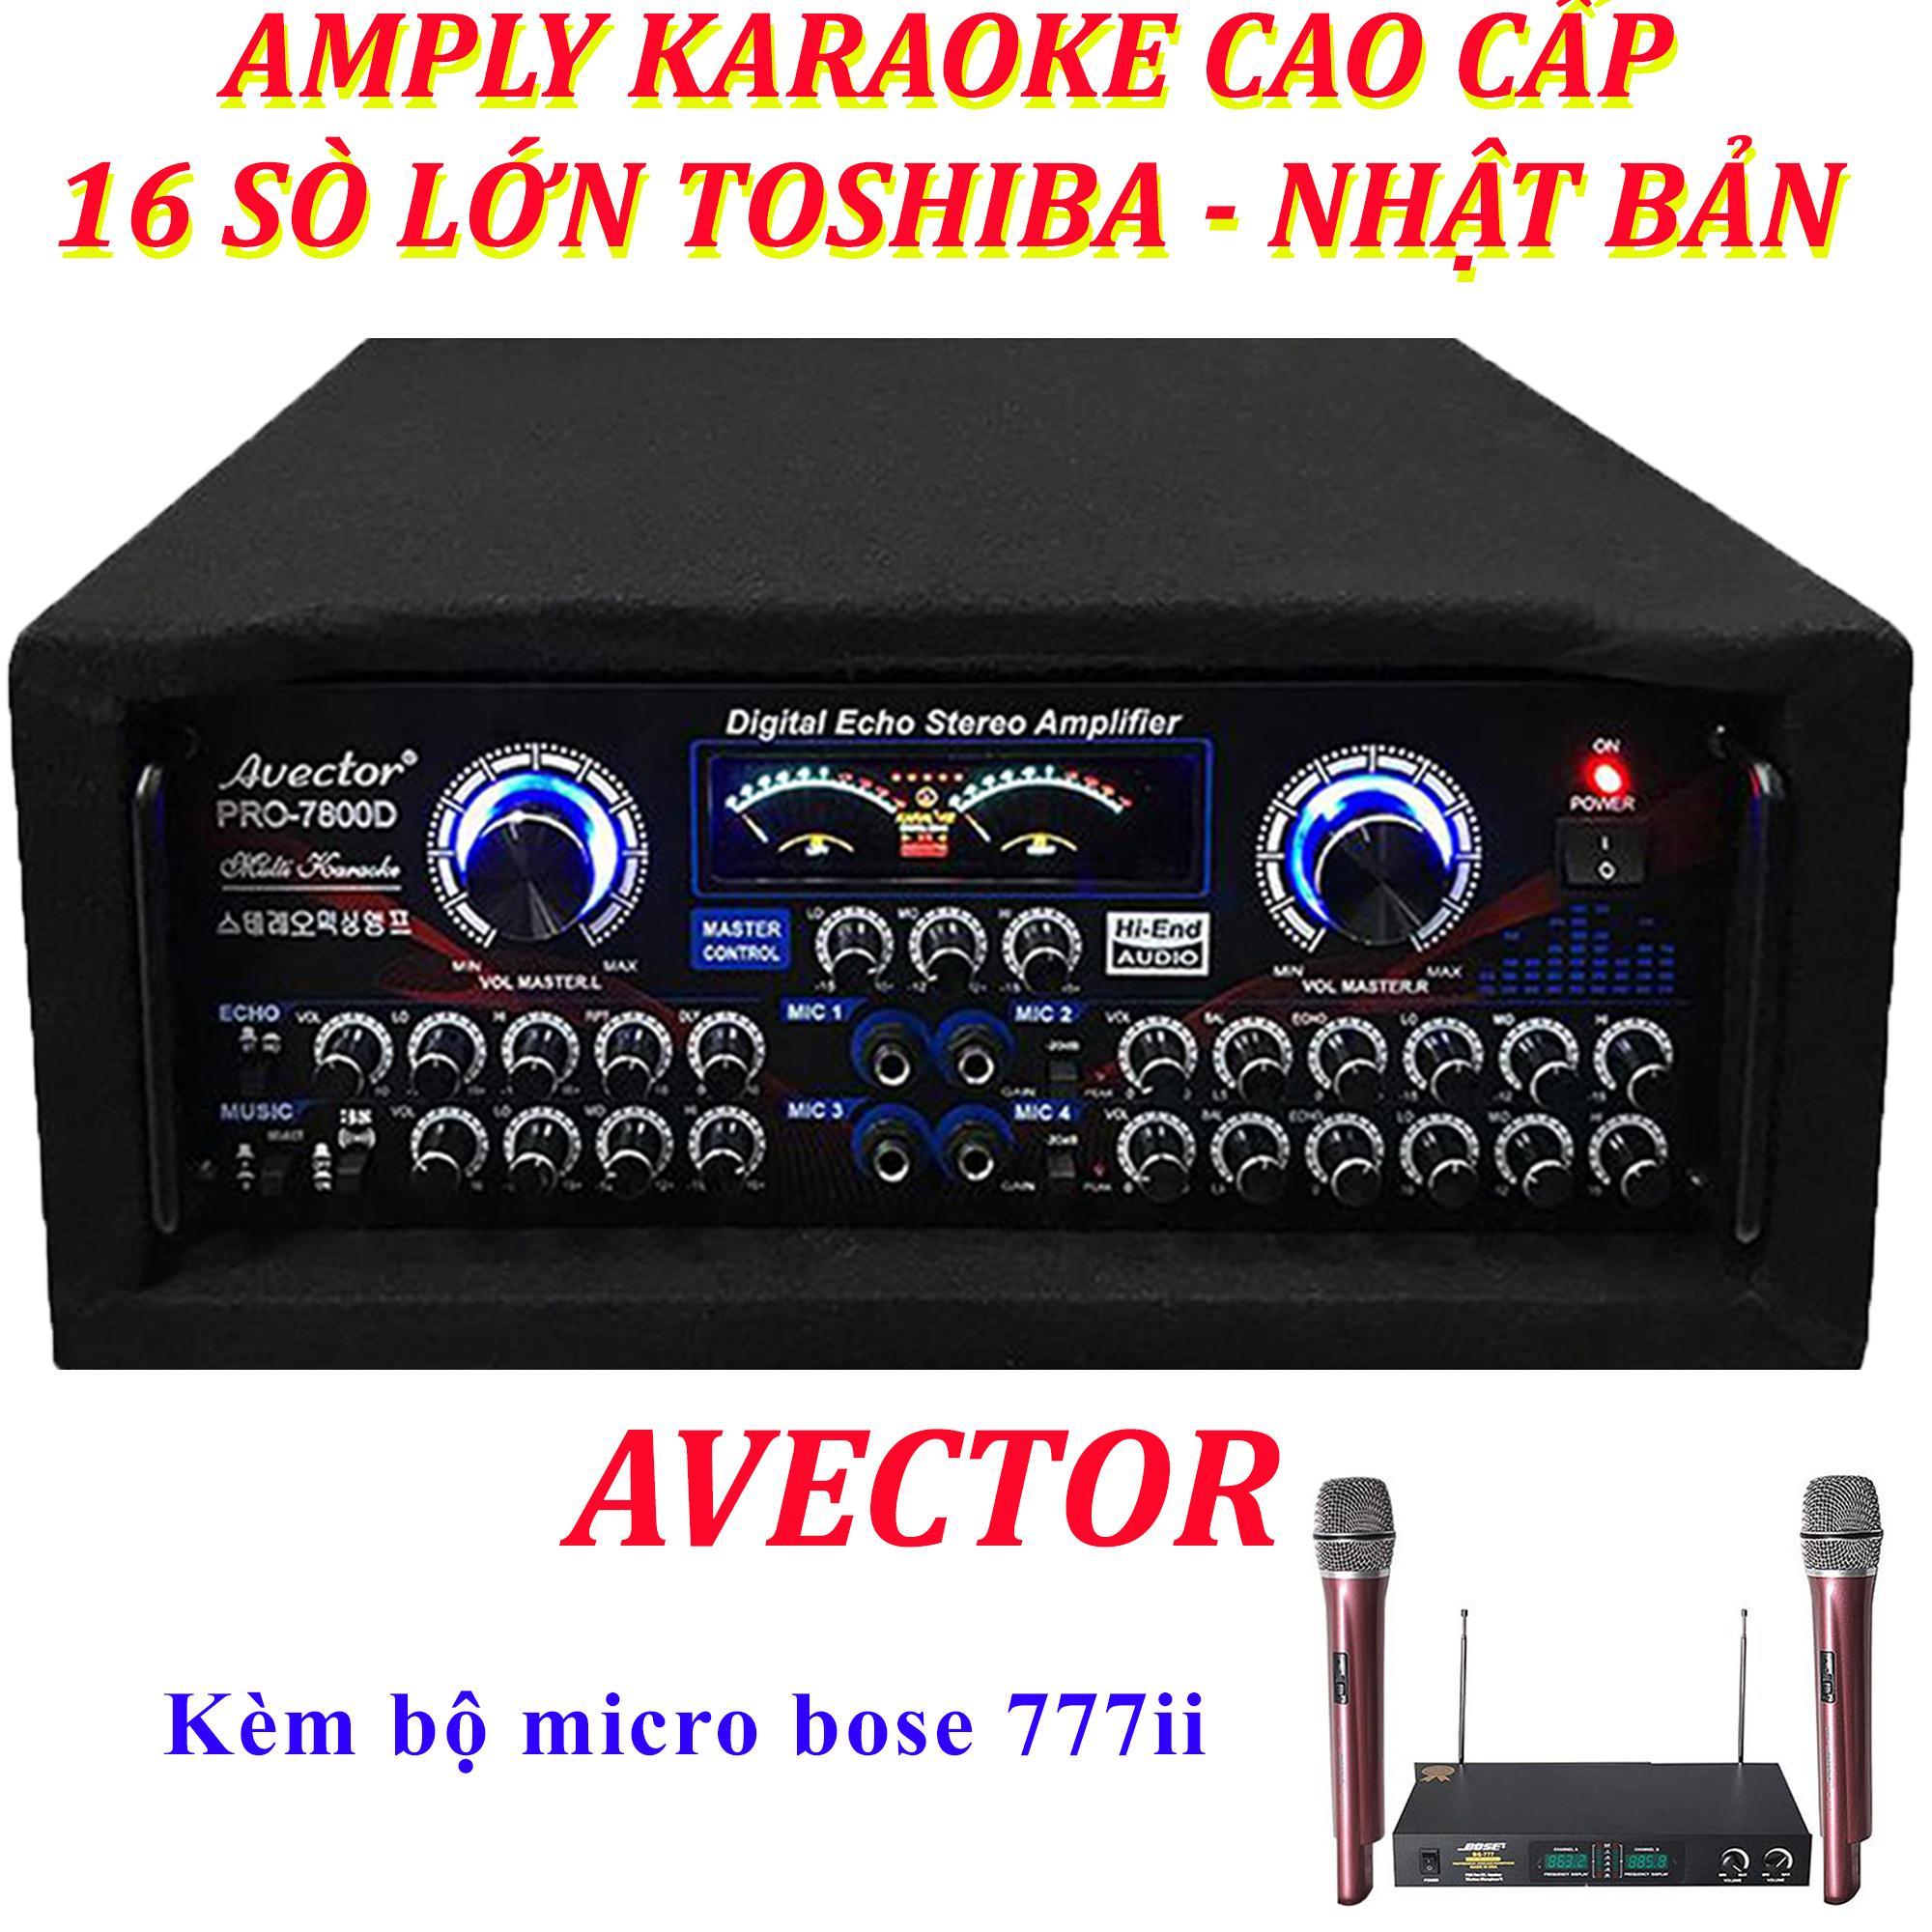 Ampli sân khấu Amply karaoke nghe nhạc hội thảo AVECTOR CÔNG SUẤT LỚN 7800 2400W amply karaoke hay nhất amply nghe nhạc kèm micro bs777ii